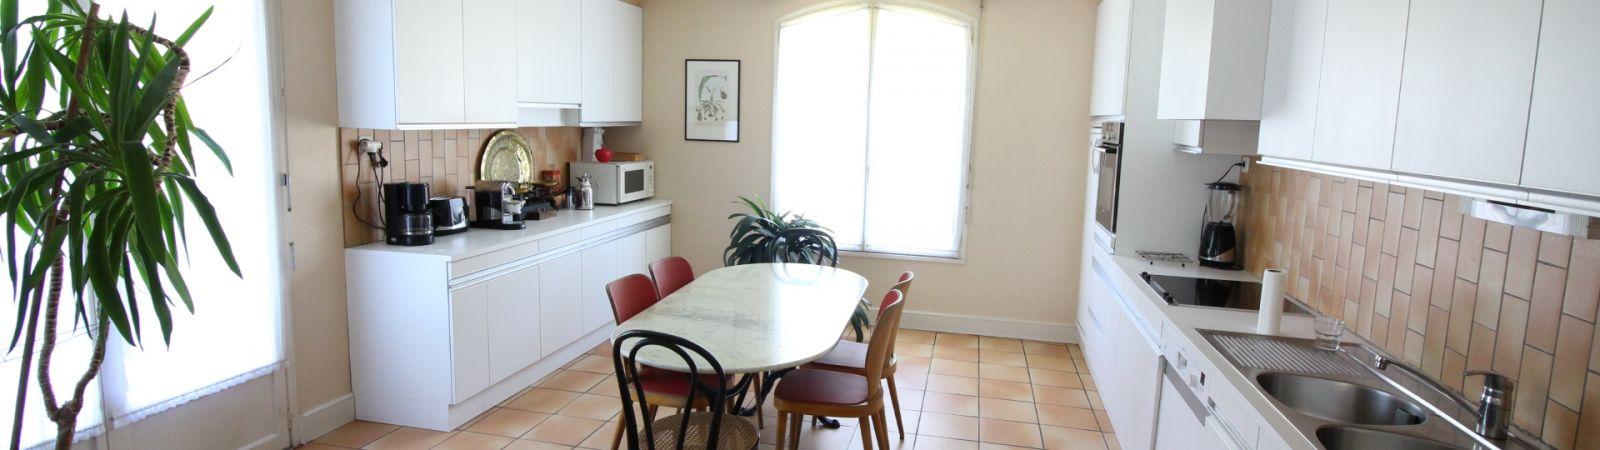 photo 5: Maison située dans un secteur calme et recherché de Vannes